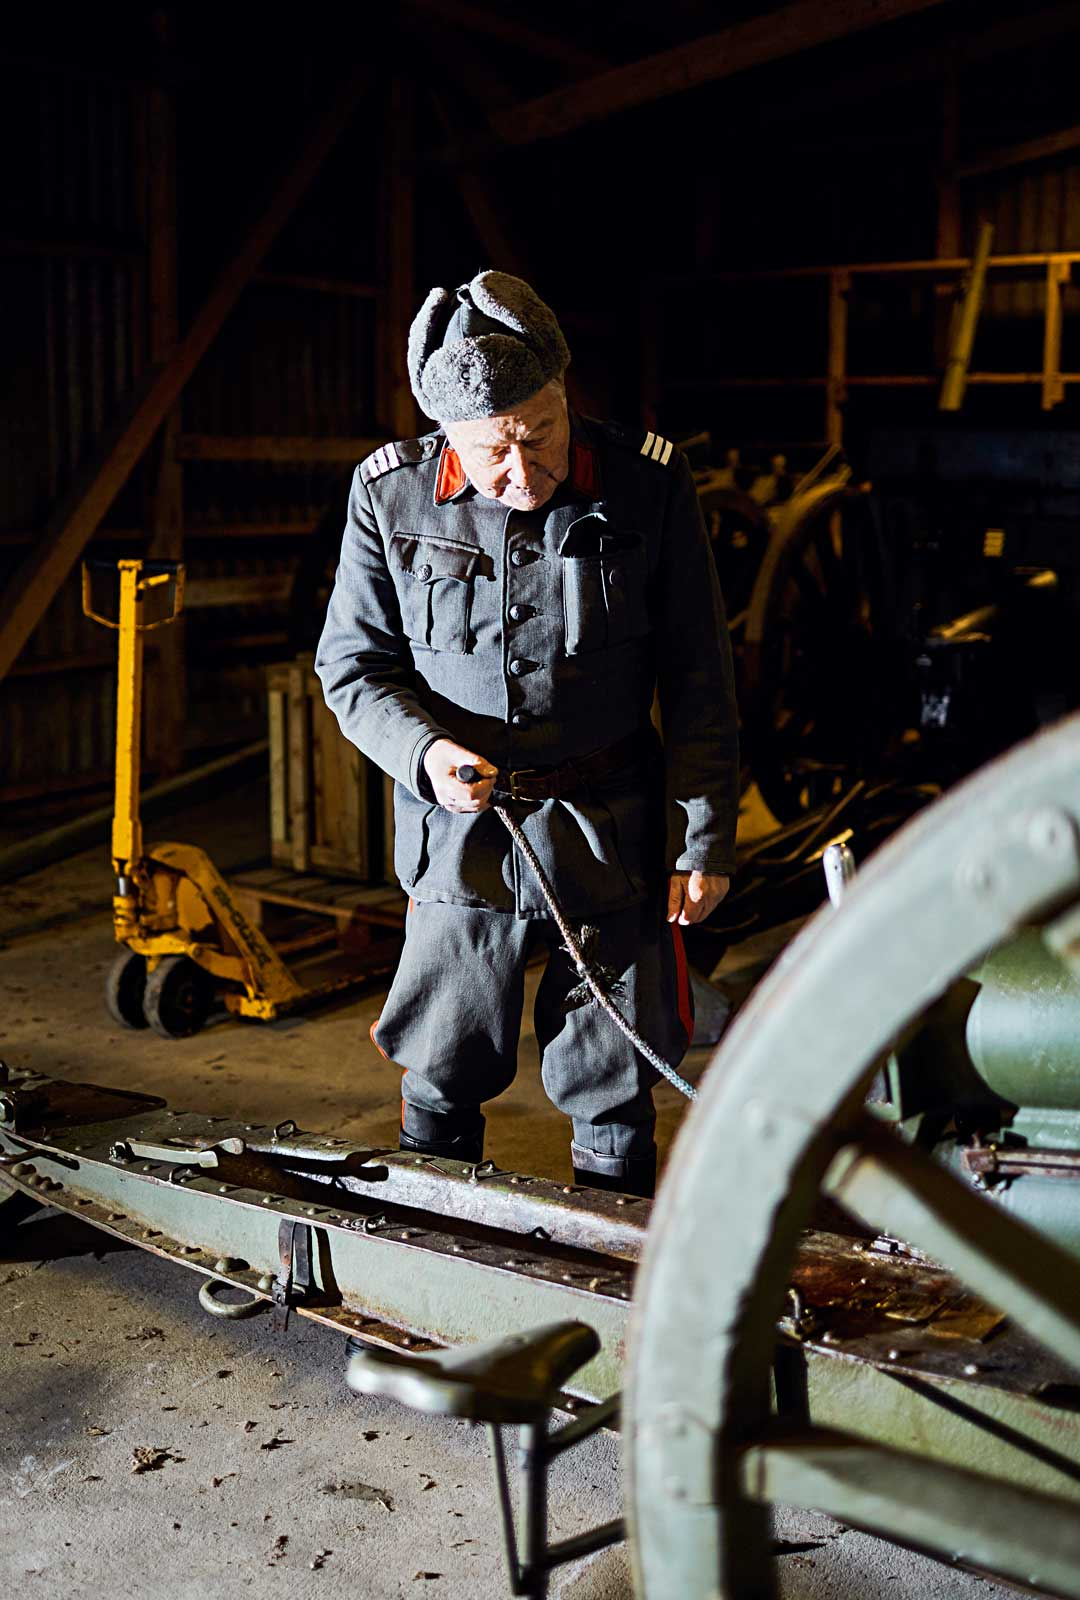 Pekka Termala tarkastaa, että vuonna 1902 pietarilaisessa Putilovin tykkitehtaassa valmistetun kanuunan lukko toimii ja iskuri napsahtaa.